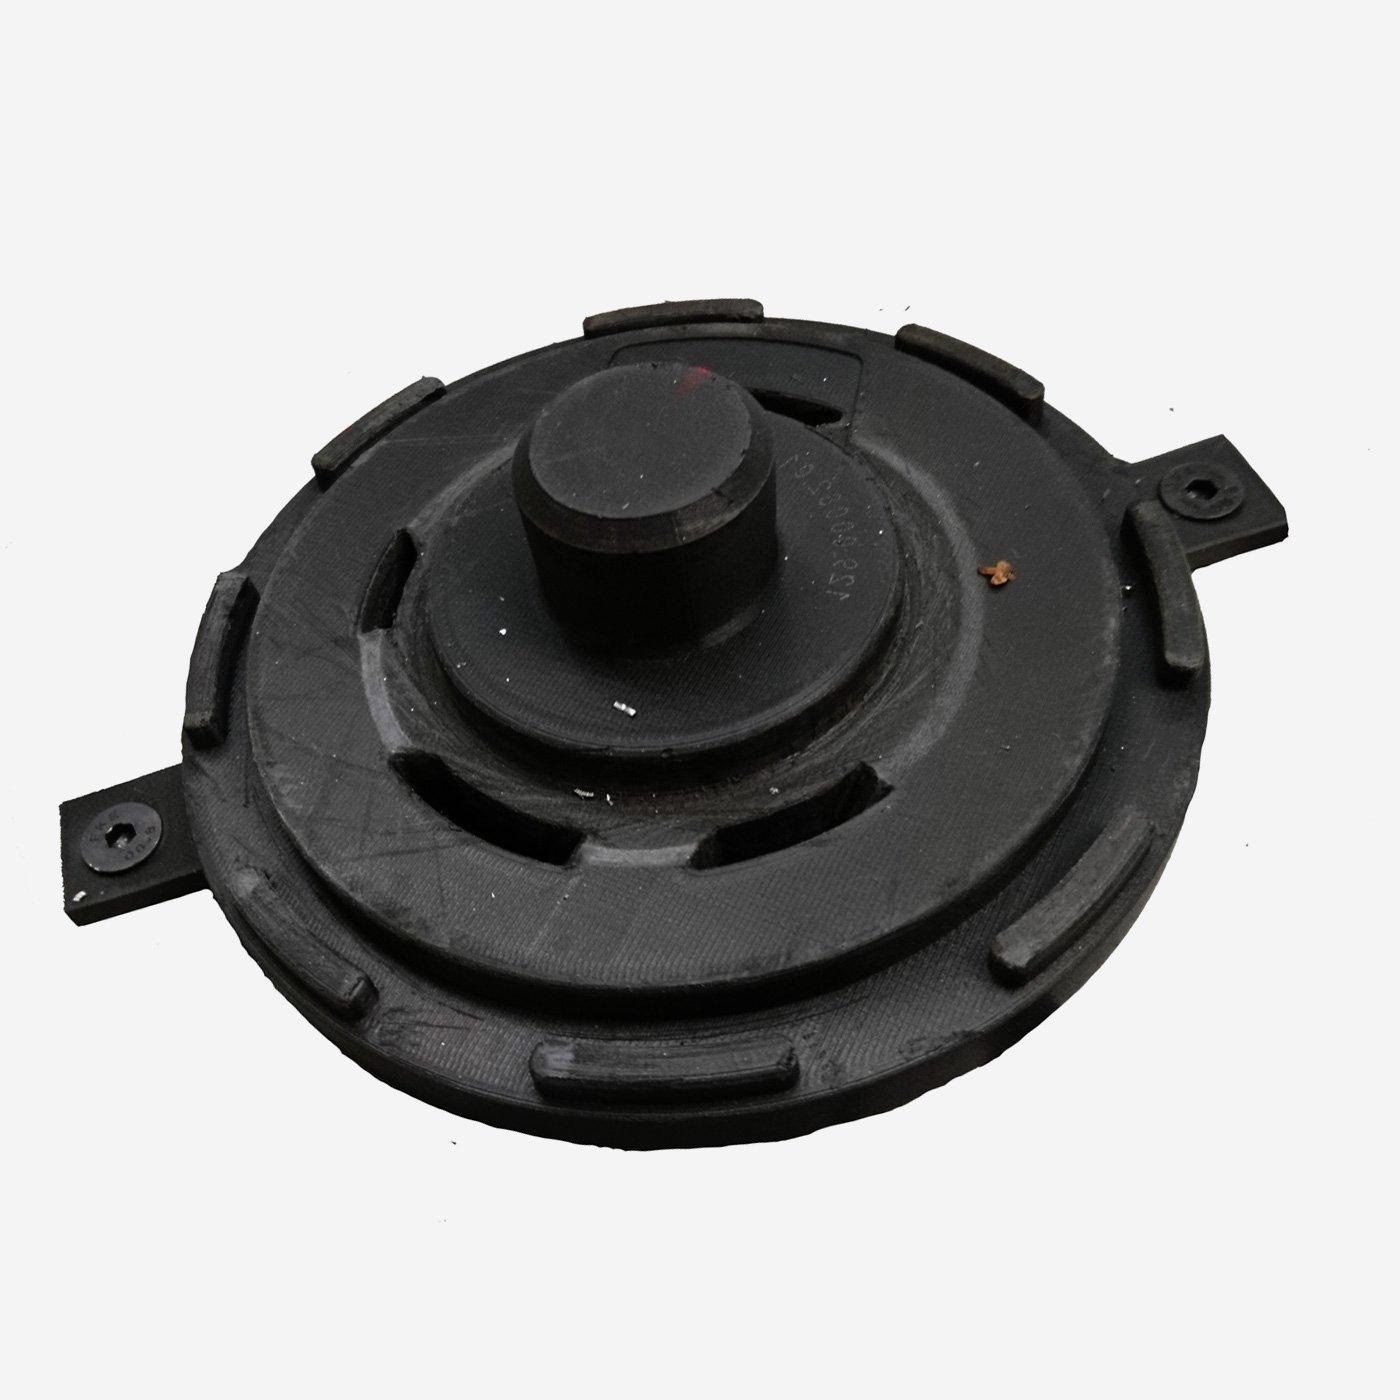 Fuel Injector Nozzle Fixture